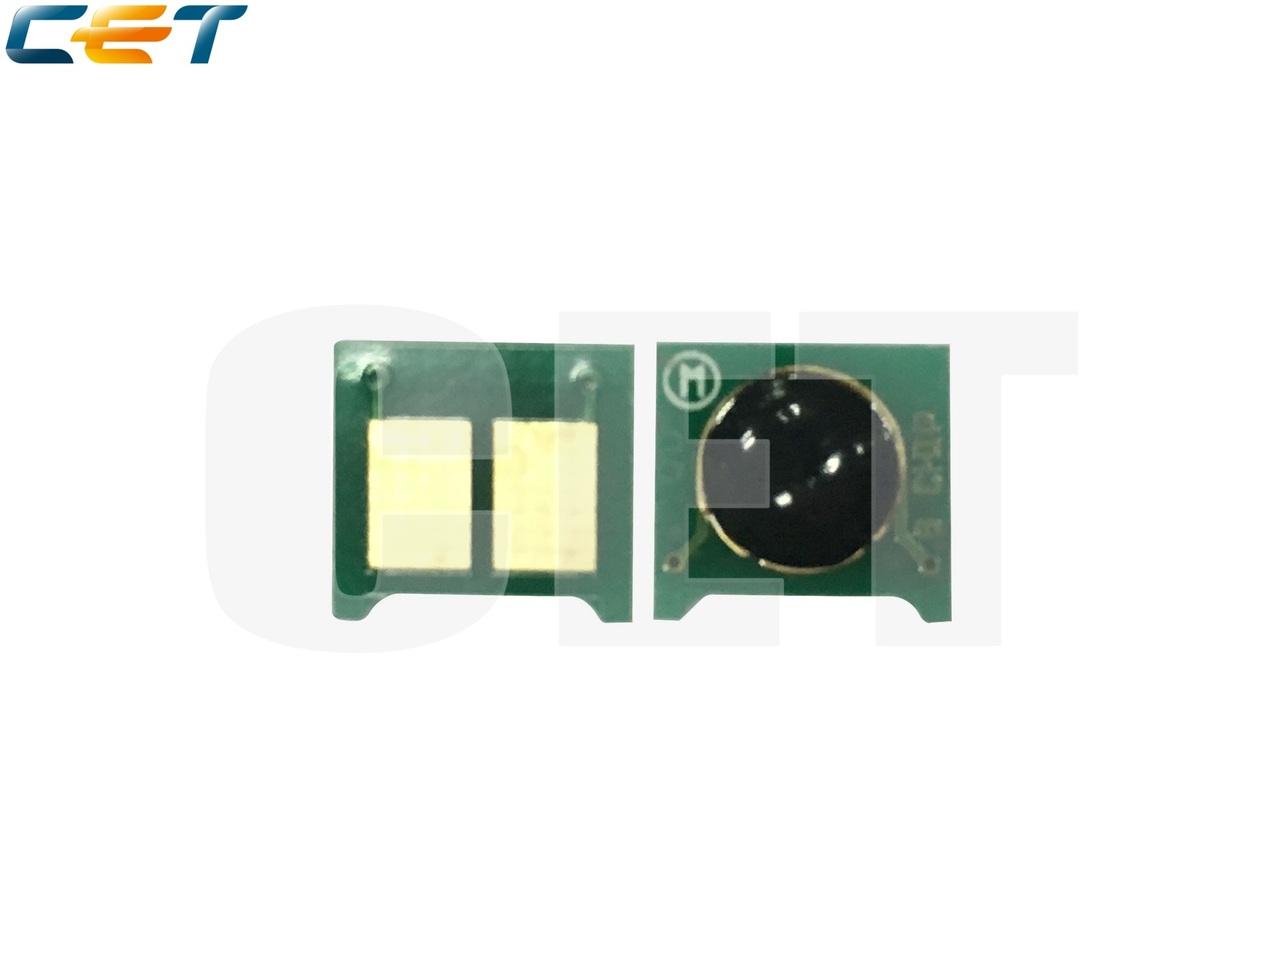 Чип картриджа CB541A, CC531A для HP Color LaserJetCP1215/CP1515/CP2025/CM2320 (CET) Cyan, (WW), (унив.),1.4K/2.8K, CET0963C